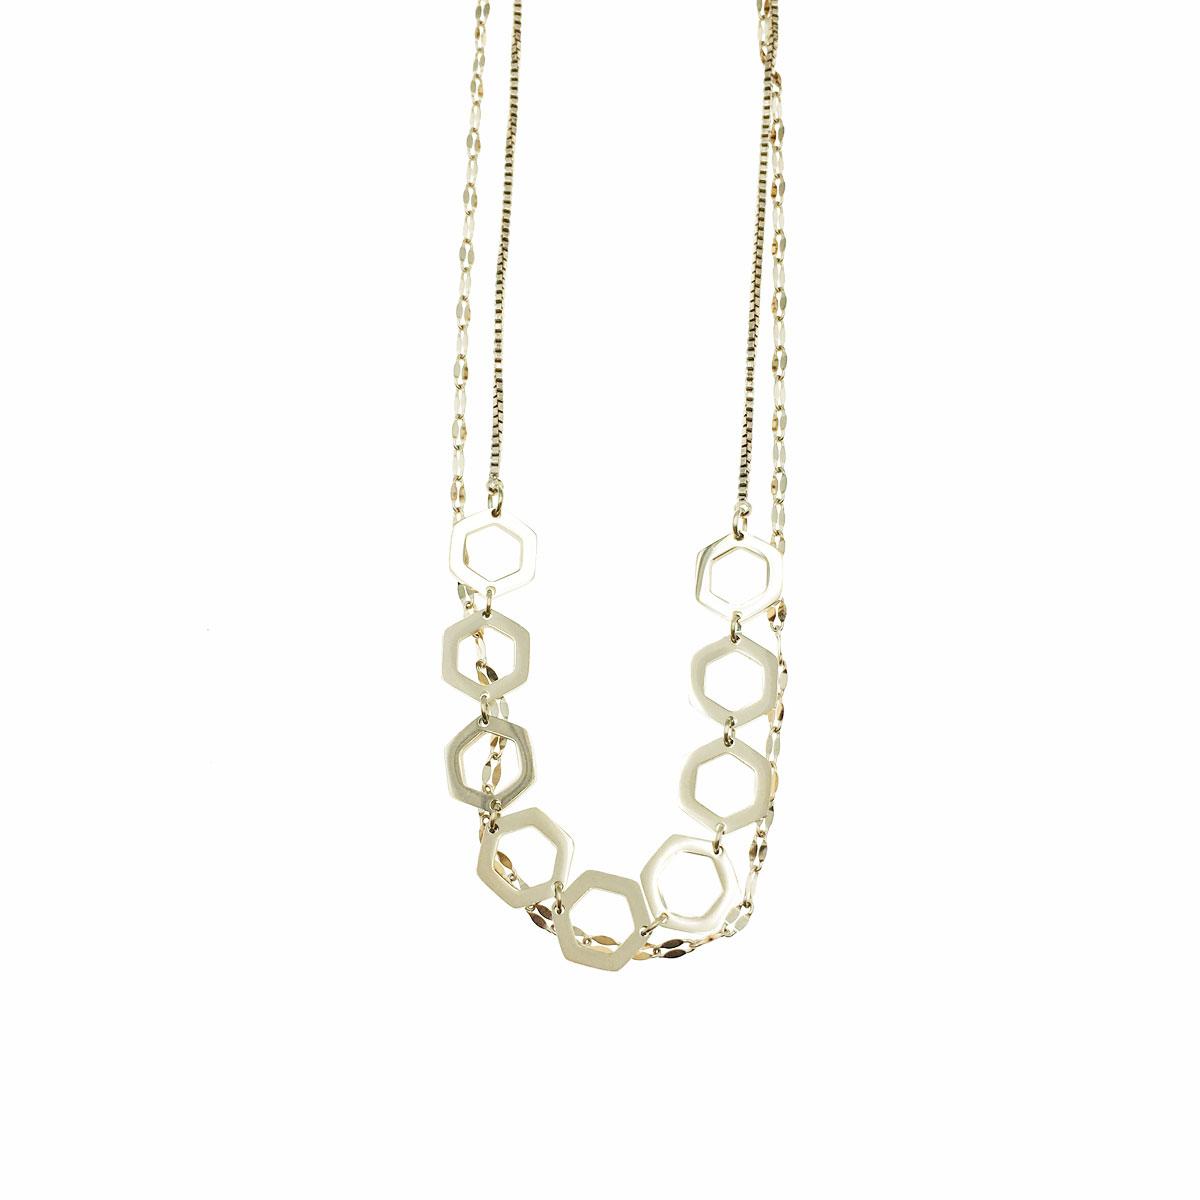 韓國 不銹鋼 六角形 簡約 鎖骨鍊 短鍊 項鍊 飾品